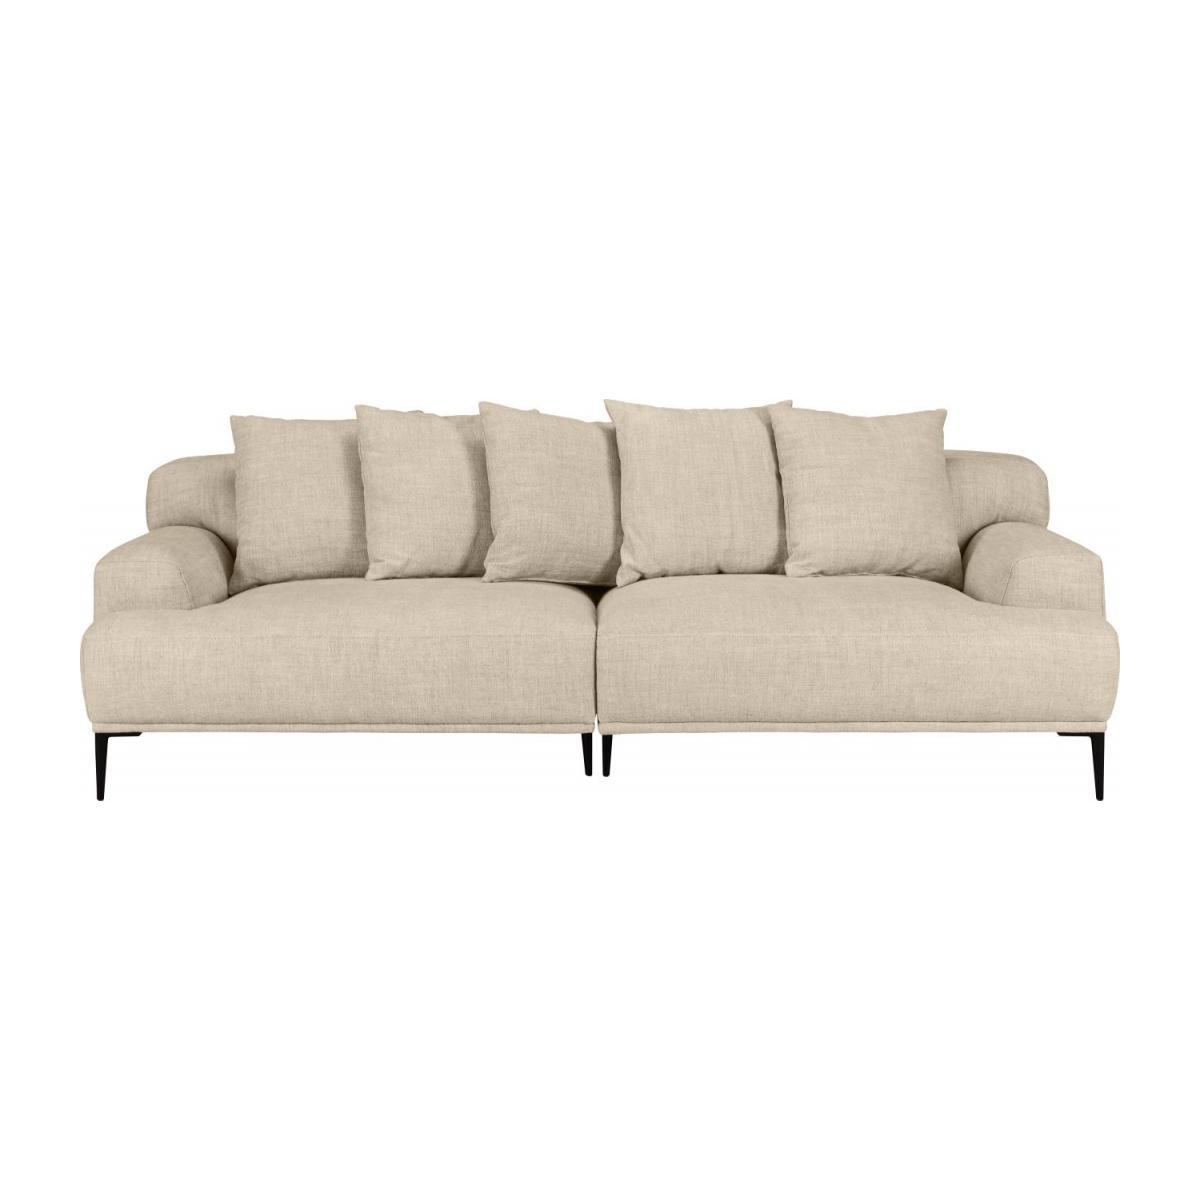 Full Size of Leinenstoff Sofa Reinigen Couch Baumwolle Leinen Bezug Holz Sofahusse Beige Leinenbezug Stoff Waschen Hussen Weiss Big Ottone 3 Sitzer Aus Naturfarben Habitat Sofa Sofa Leinen